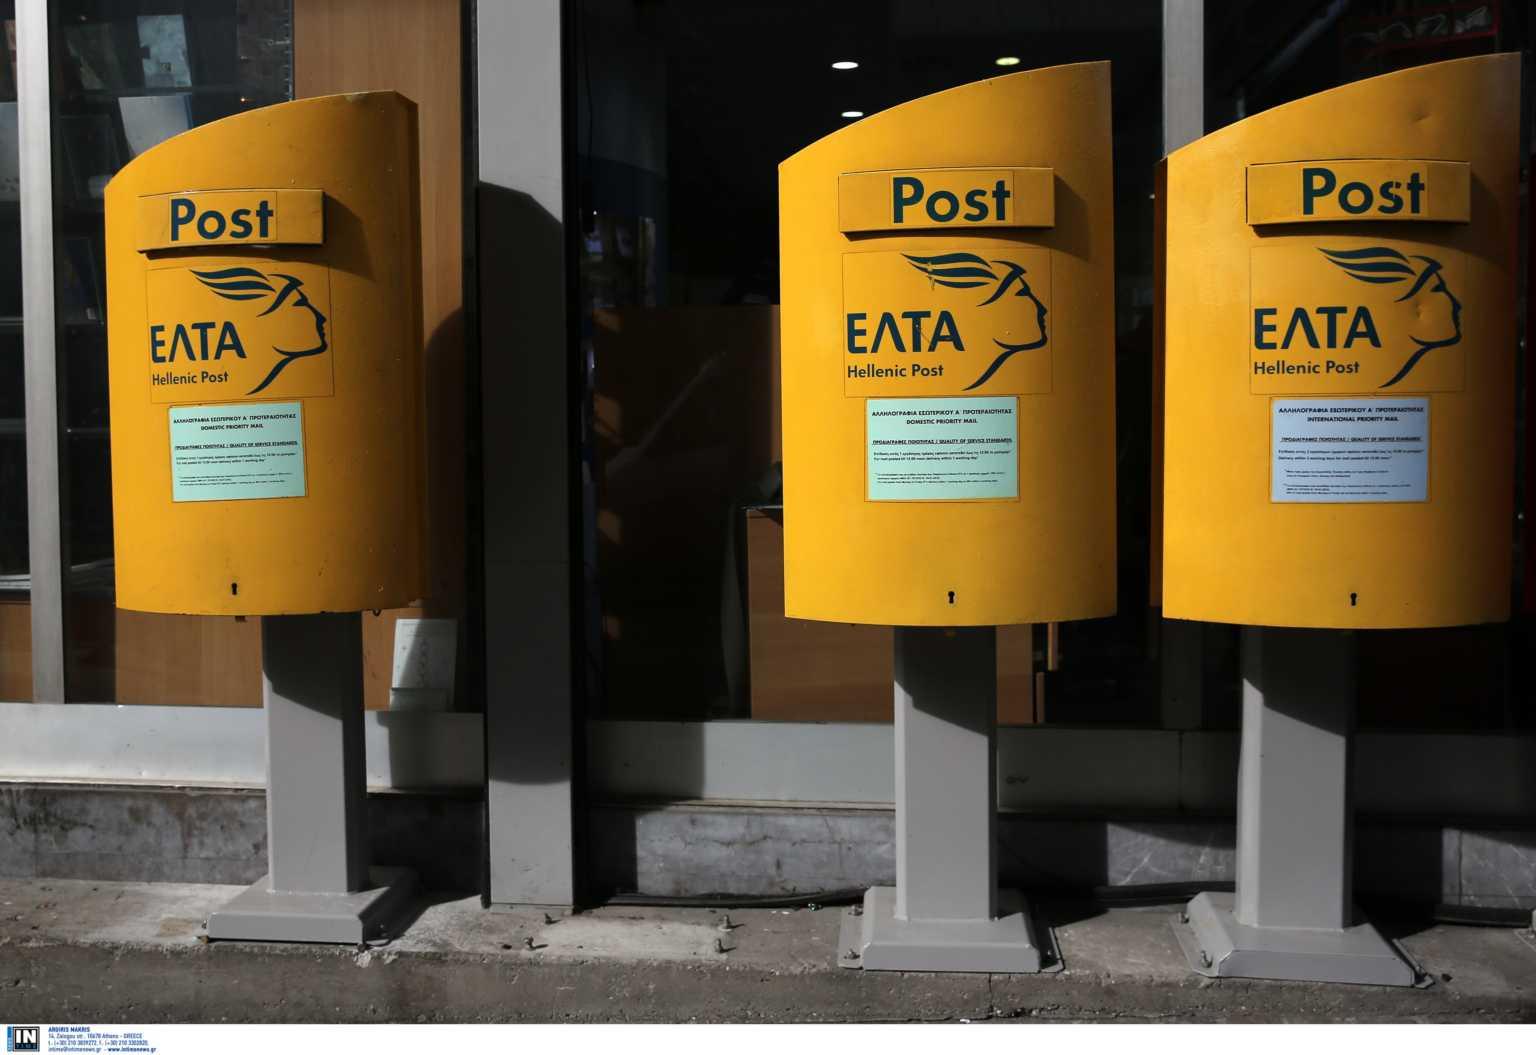 ΕΛΤΑ: Προσοχή σε μηνύματα που ζητούν στοιχεία τραπεζικών λογαριασμών και πιστωτικών καρτών